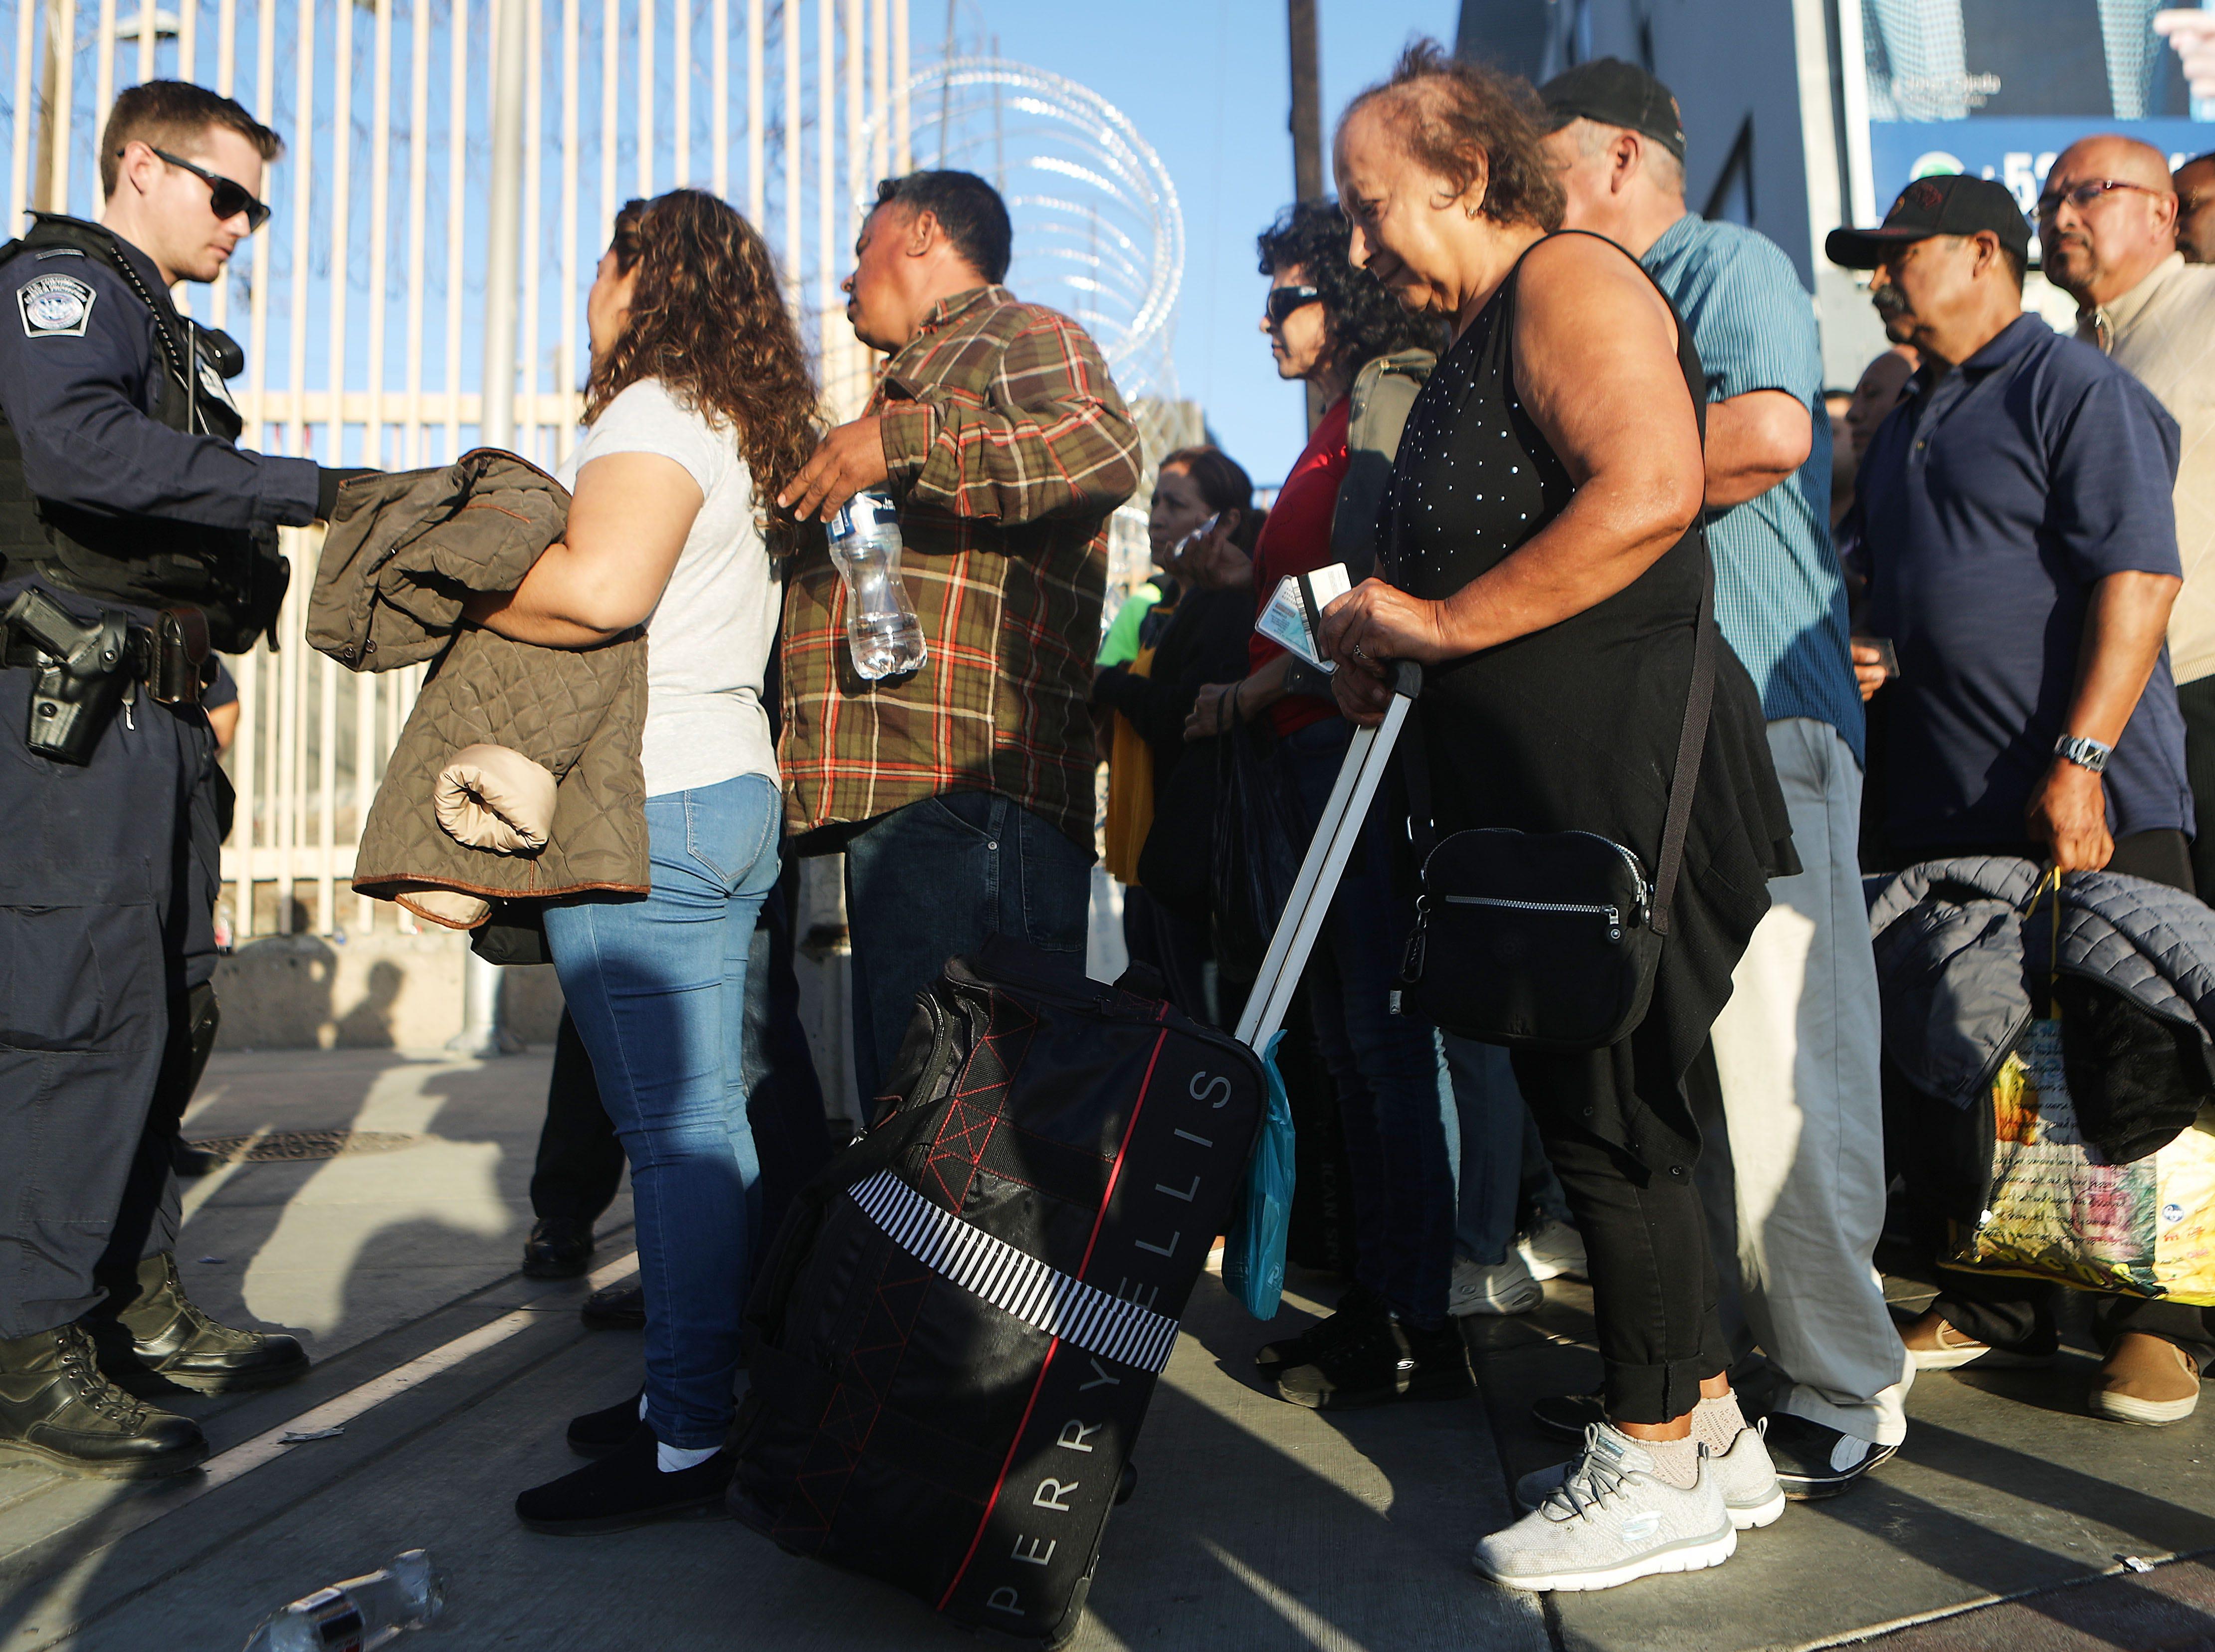 Los peatones se preparan para ingresar a los EE.UU en el puerto de entrada de San Ysidro poco después de su reapertura el 25 de noviembre de 2018 en Tijuana, México. La Oficina de Aduanas y Protección Fronteriza de Estados Unidos cerró temporalmente dos puertos de entrada en la frontera con Tijuana en respuesta a un gran grupo de migrantes que se apresuraron a pasar un bloqueo policial hacia la frontera.